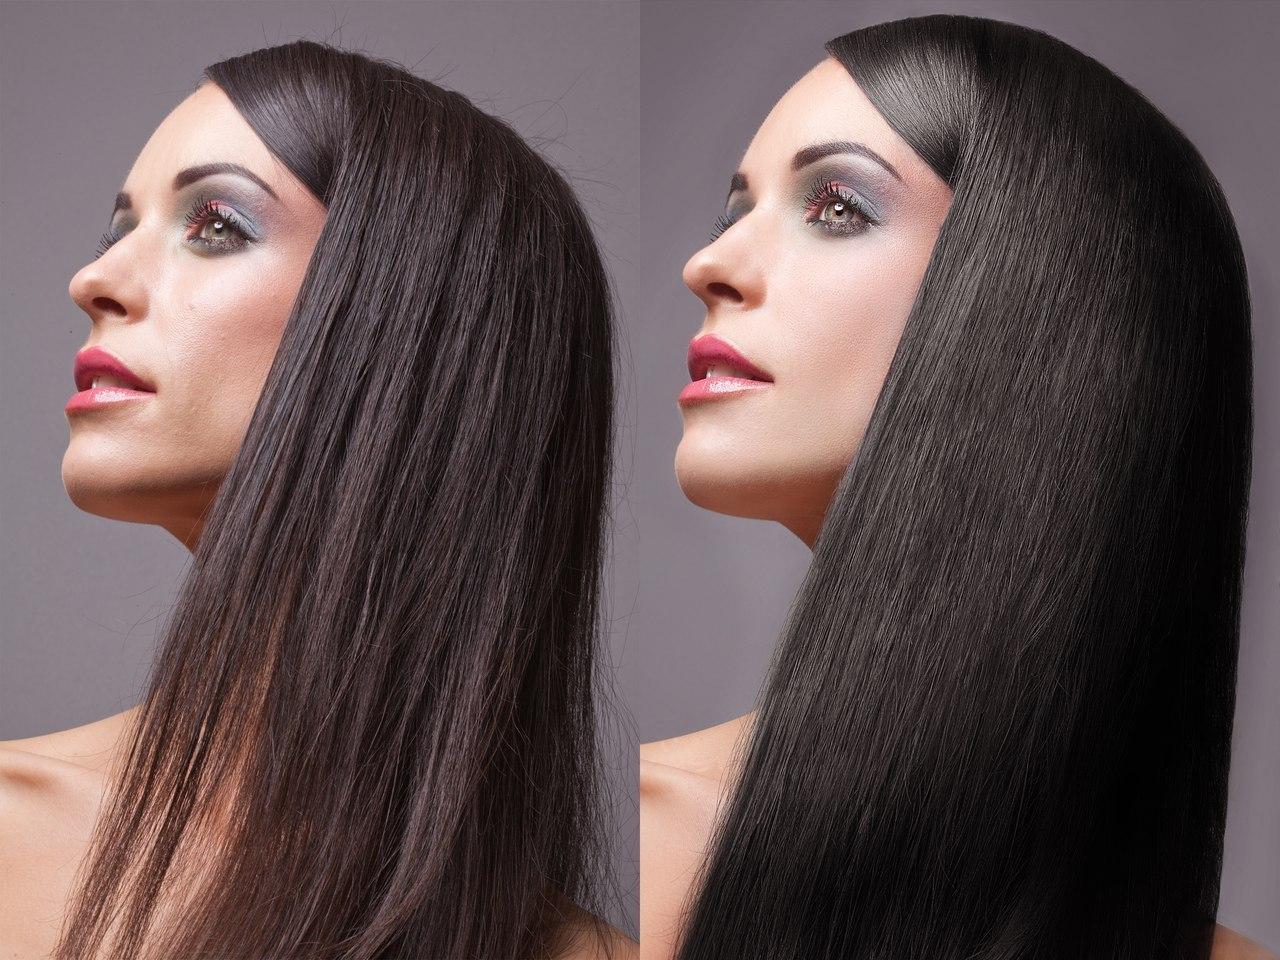 флезилиновые обои фоторедактор добавить волосы используют